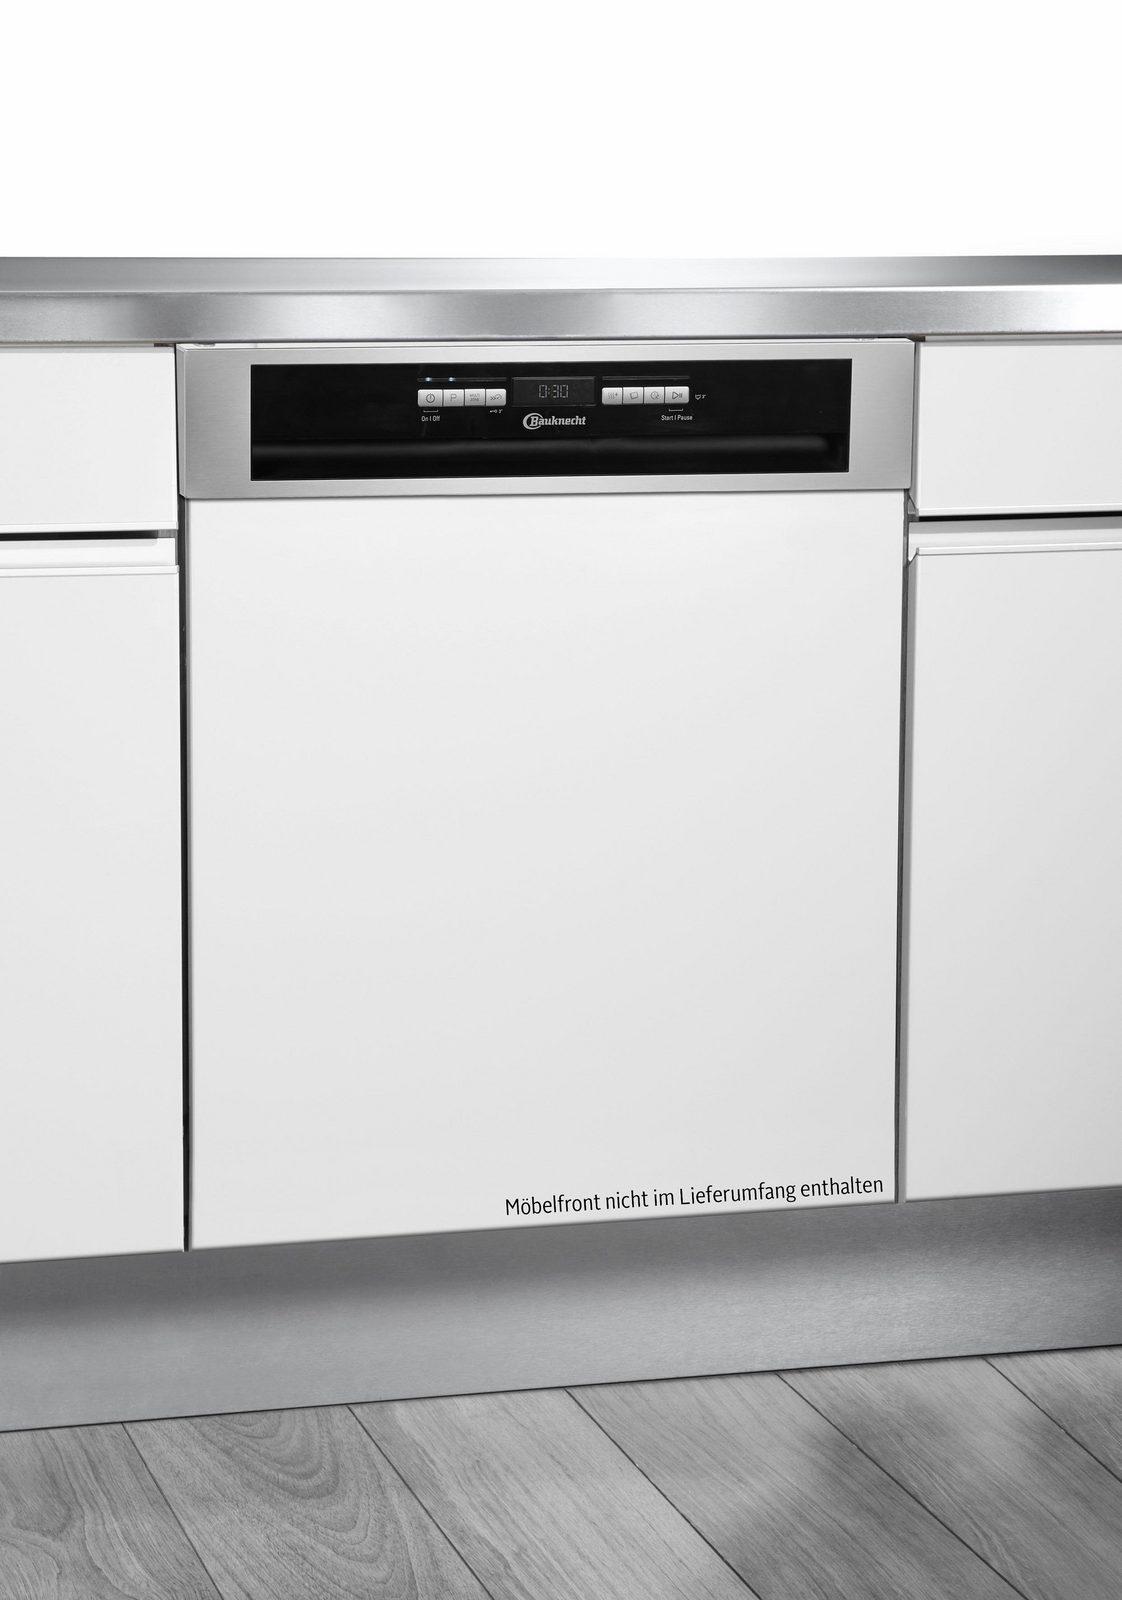 BAUKNECHT Teilintegrierbarer Geschirrspüler OBBO Super Eco X, A+++, 9 Liter, 14 Maßgedecke